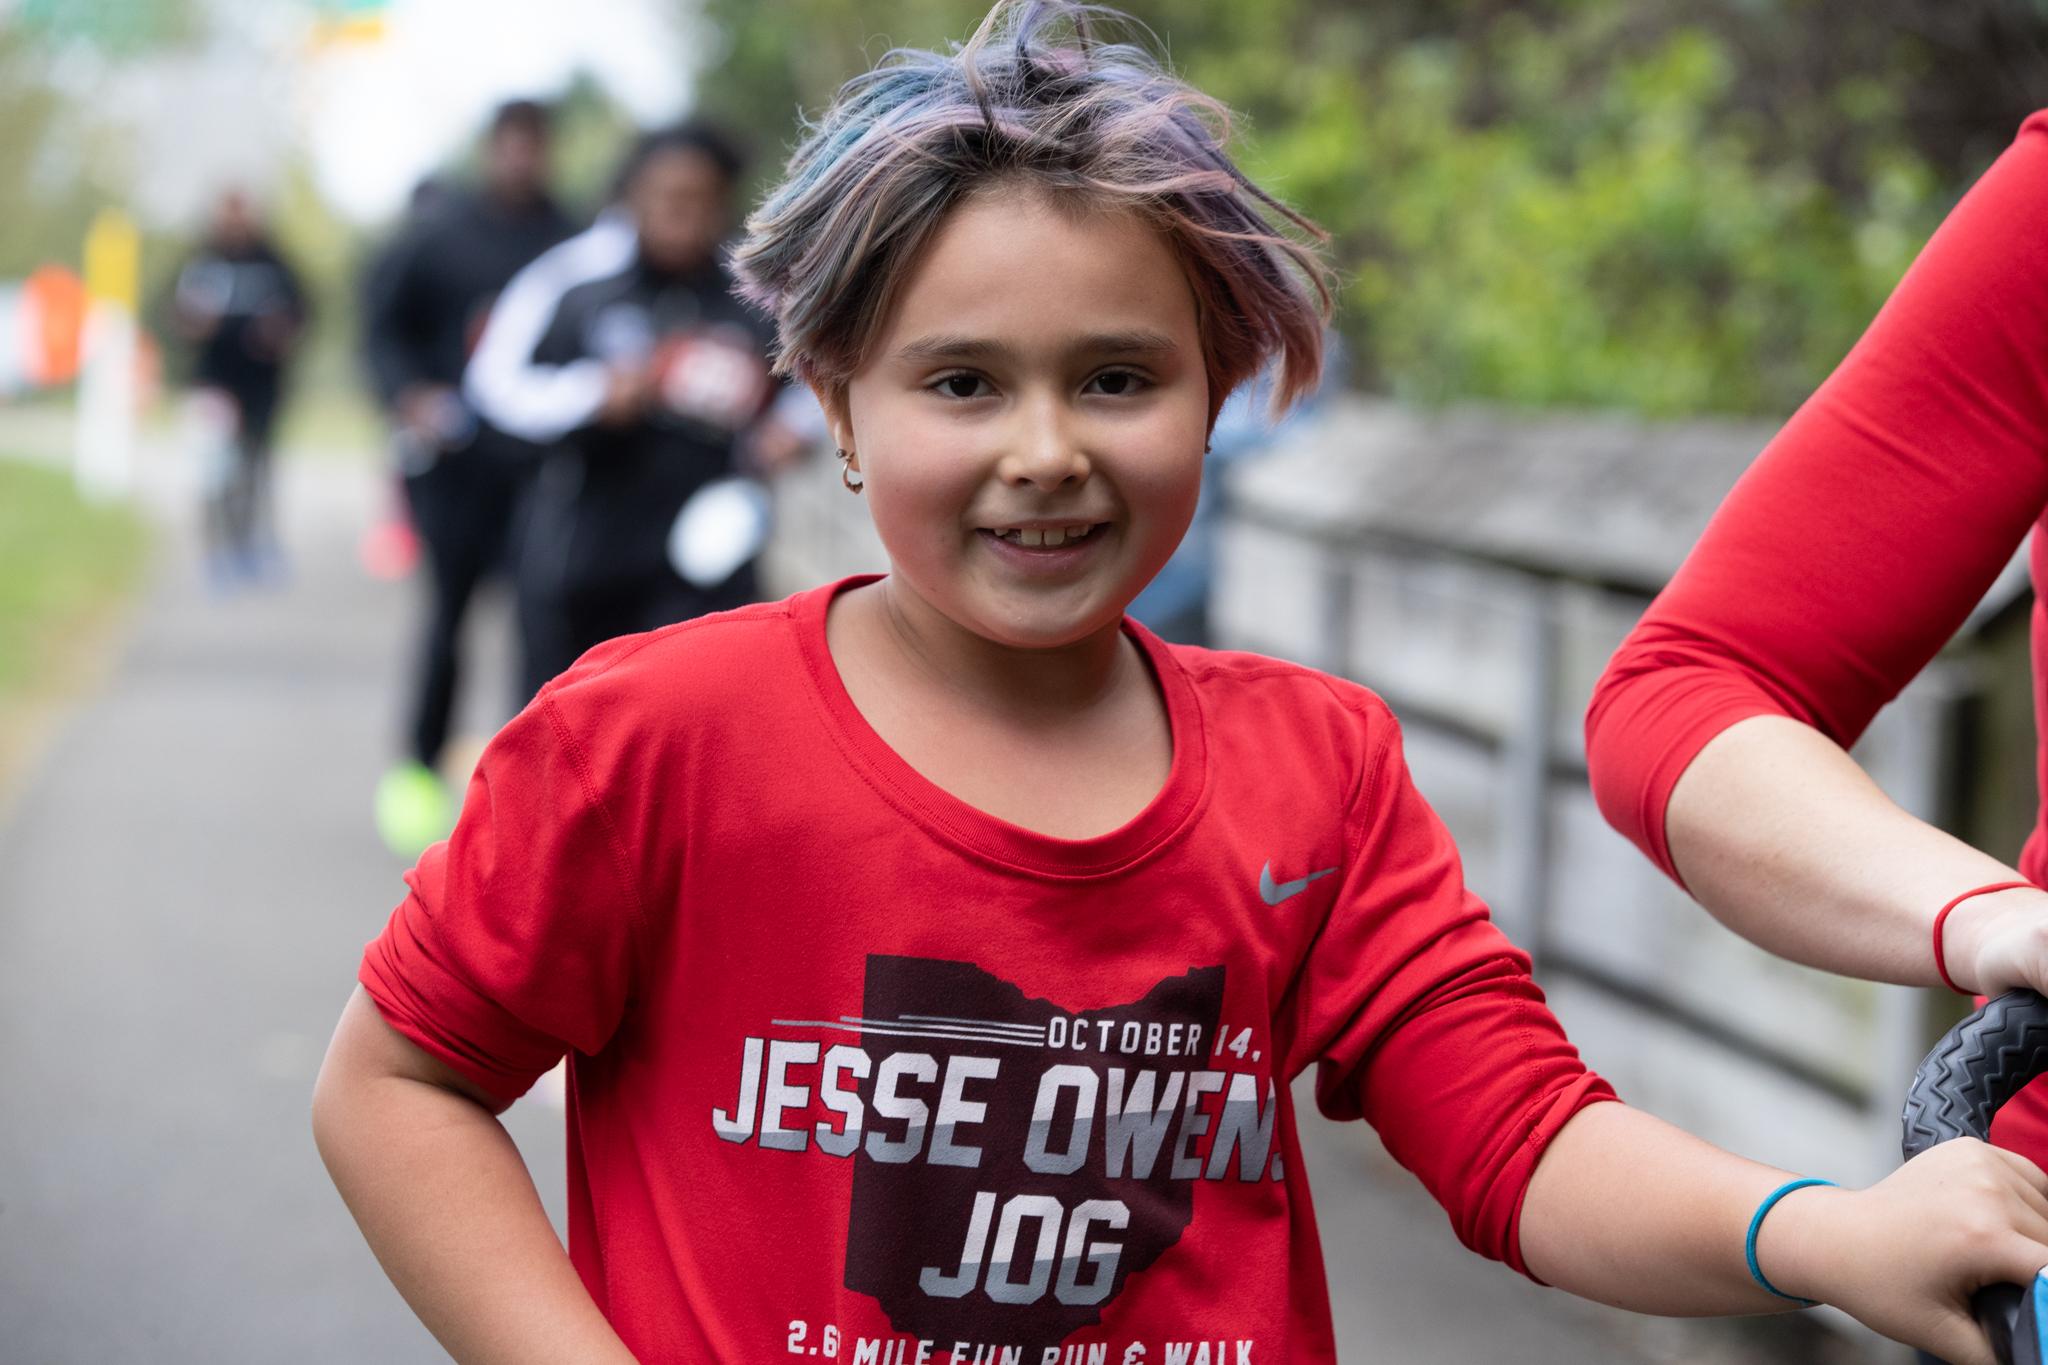 Jesse-Owens-Jog-2018_098_bko.jpg